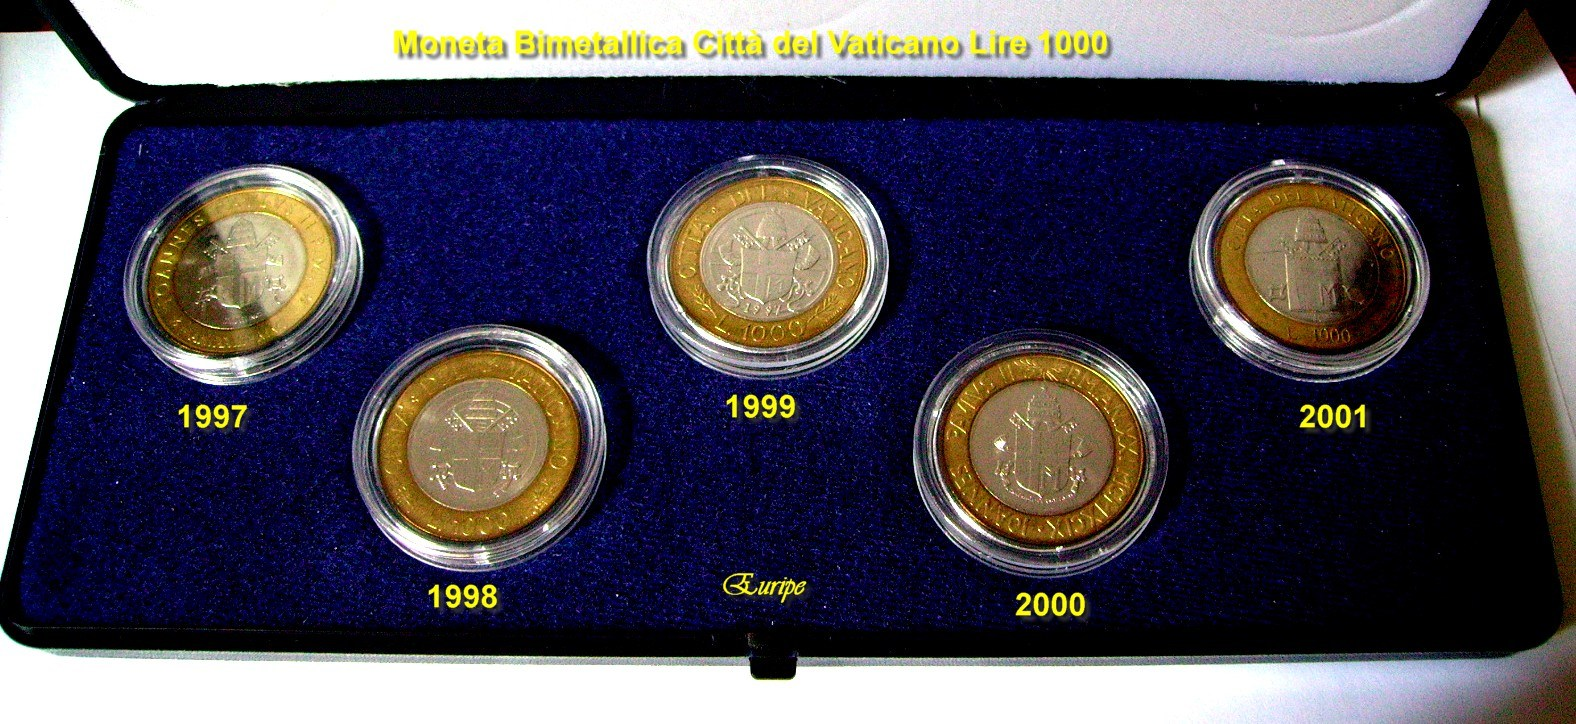 Collezione completa delle 5 monete bimetalliche da 1000 lire emesse dalla Città del Vaticano